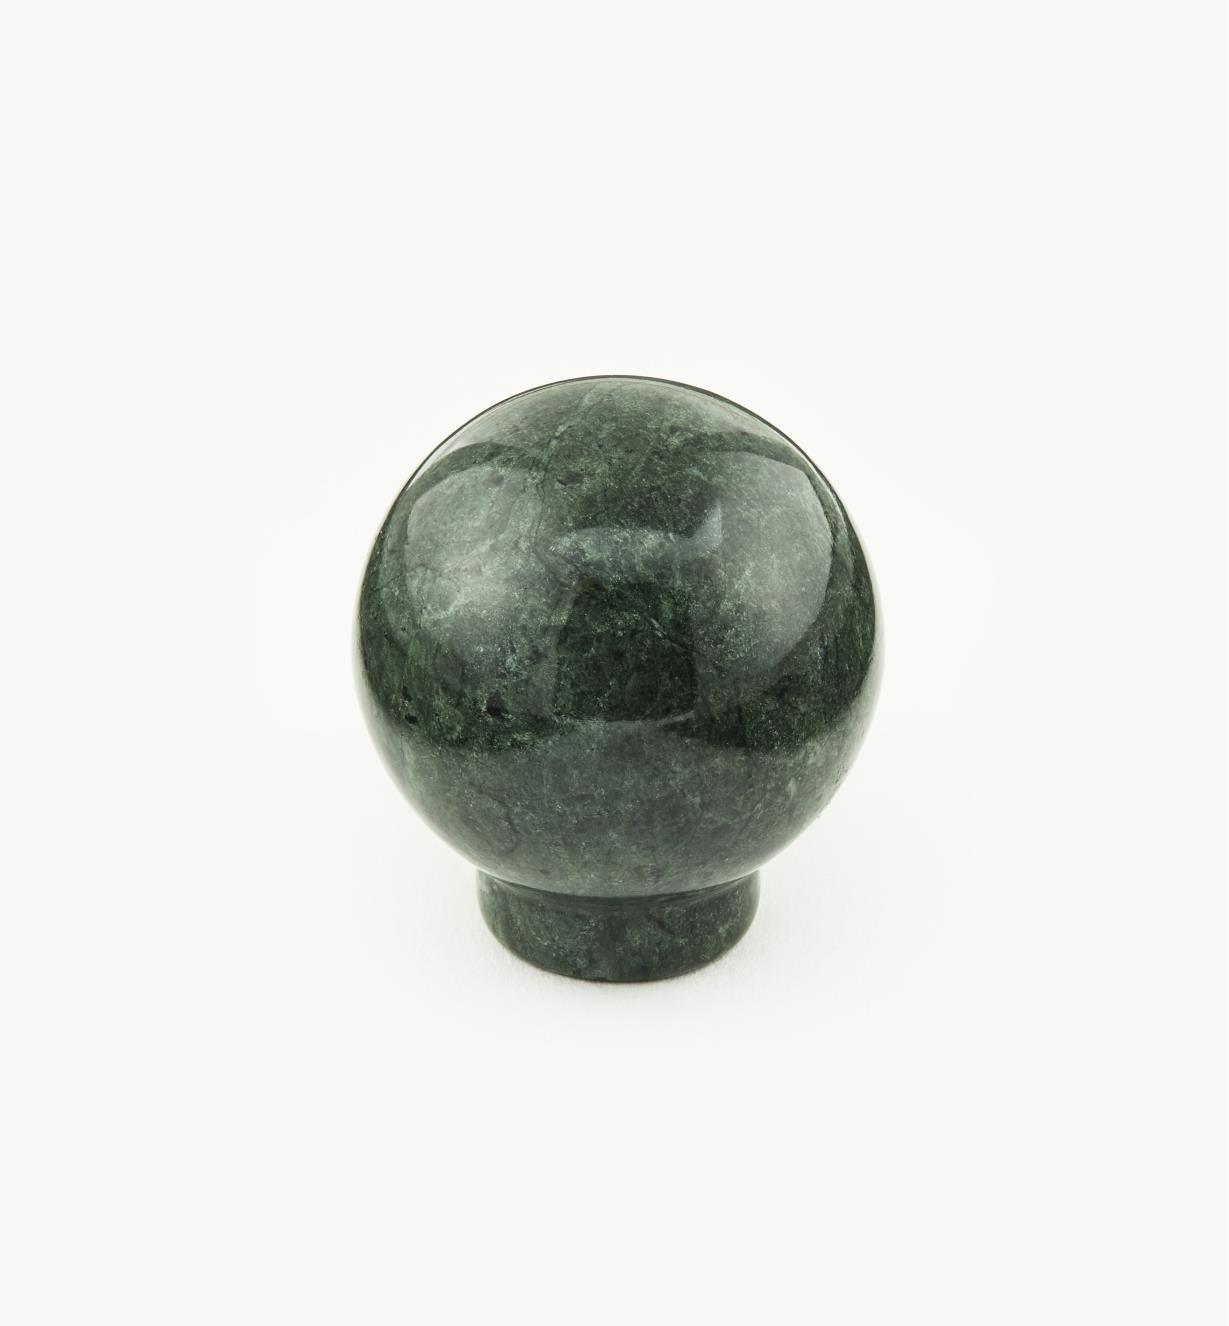 00W4011 - Bouton en marbre, vert, 33,5 mm x 35,5 mm